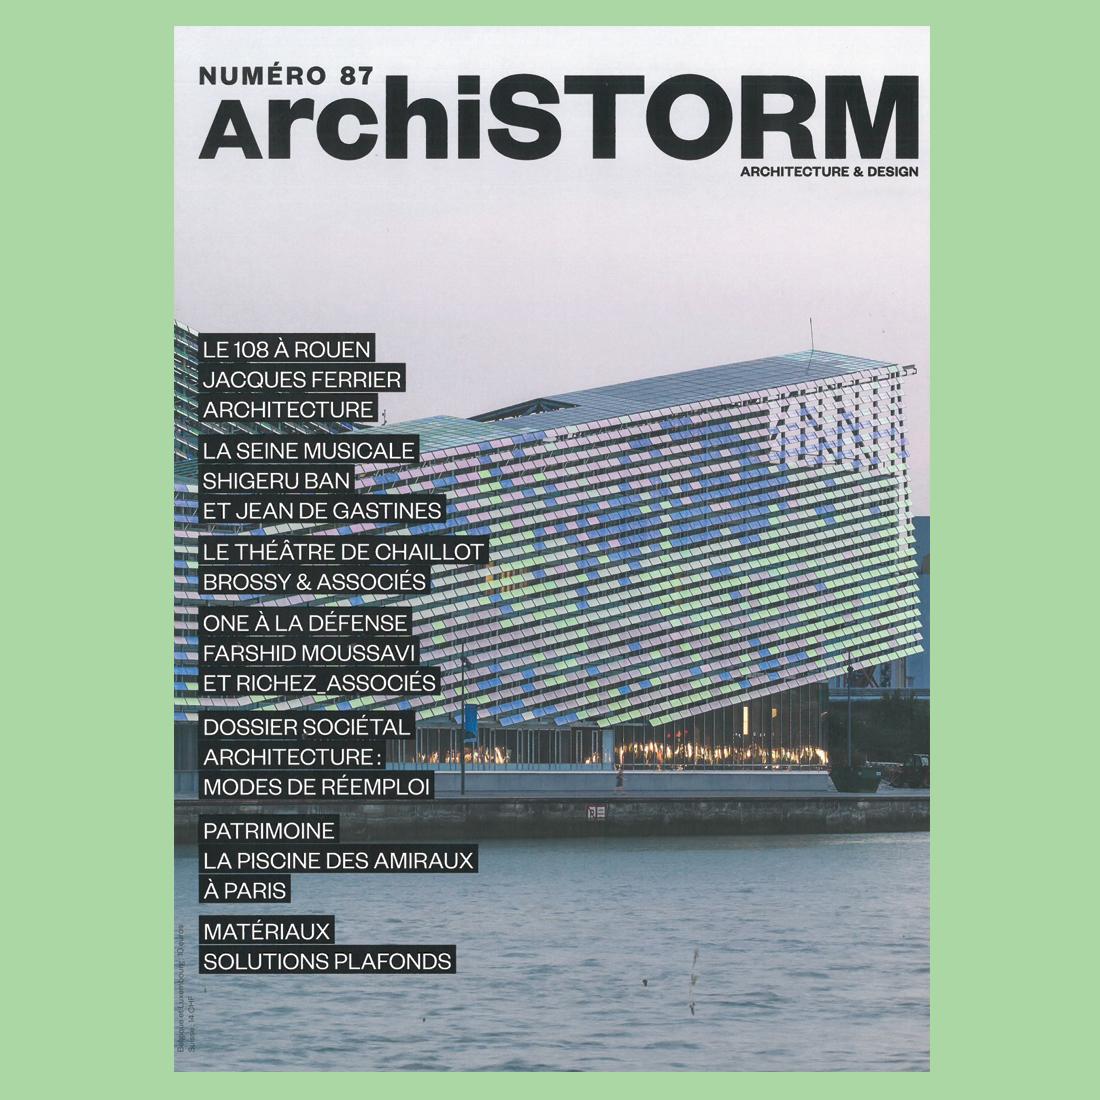 Archistorm N°87 | Brenac & Gonzalez et Associés